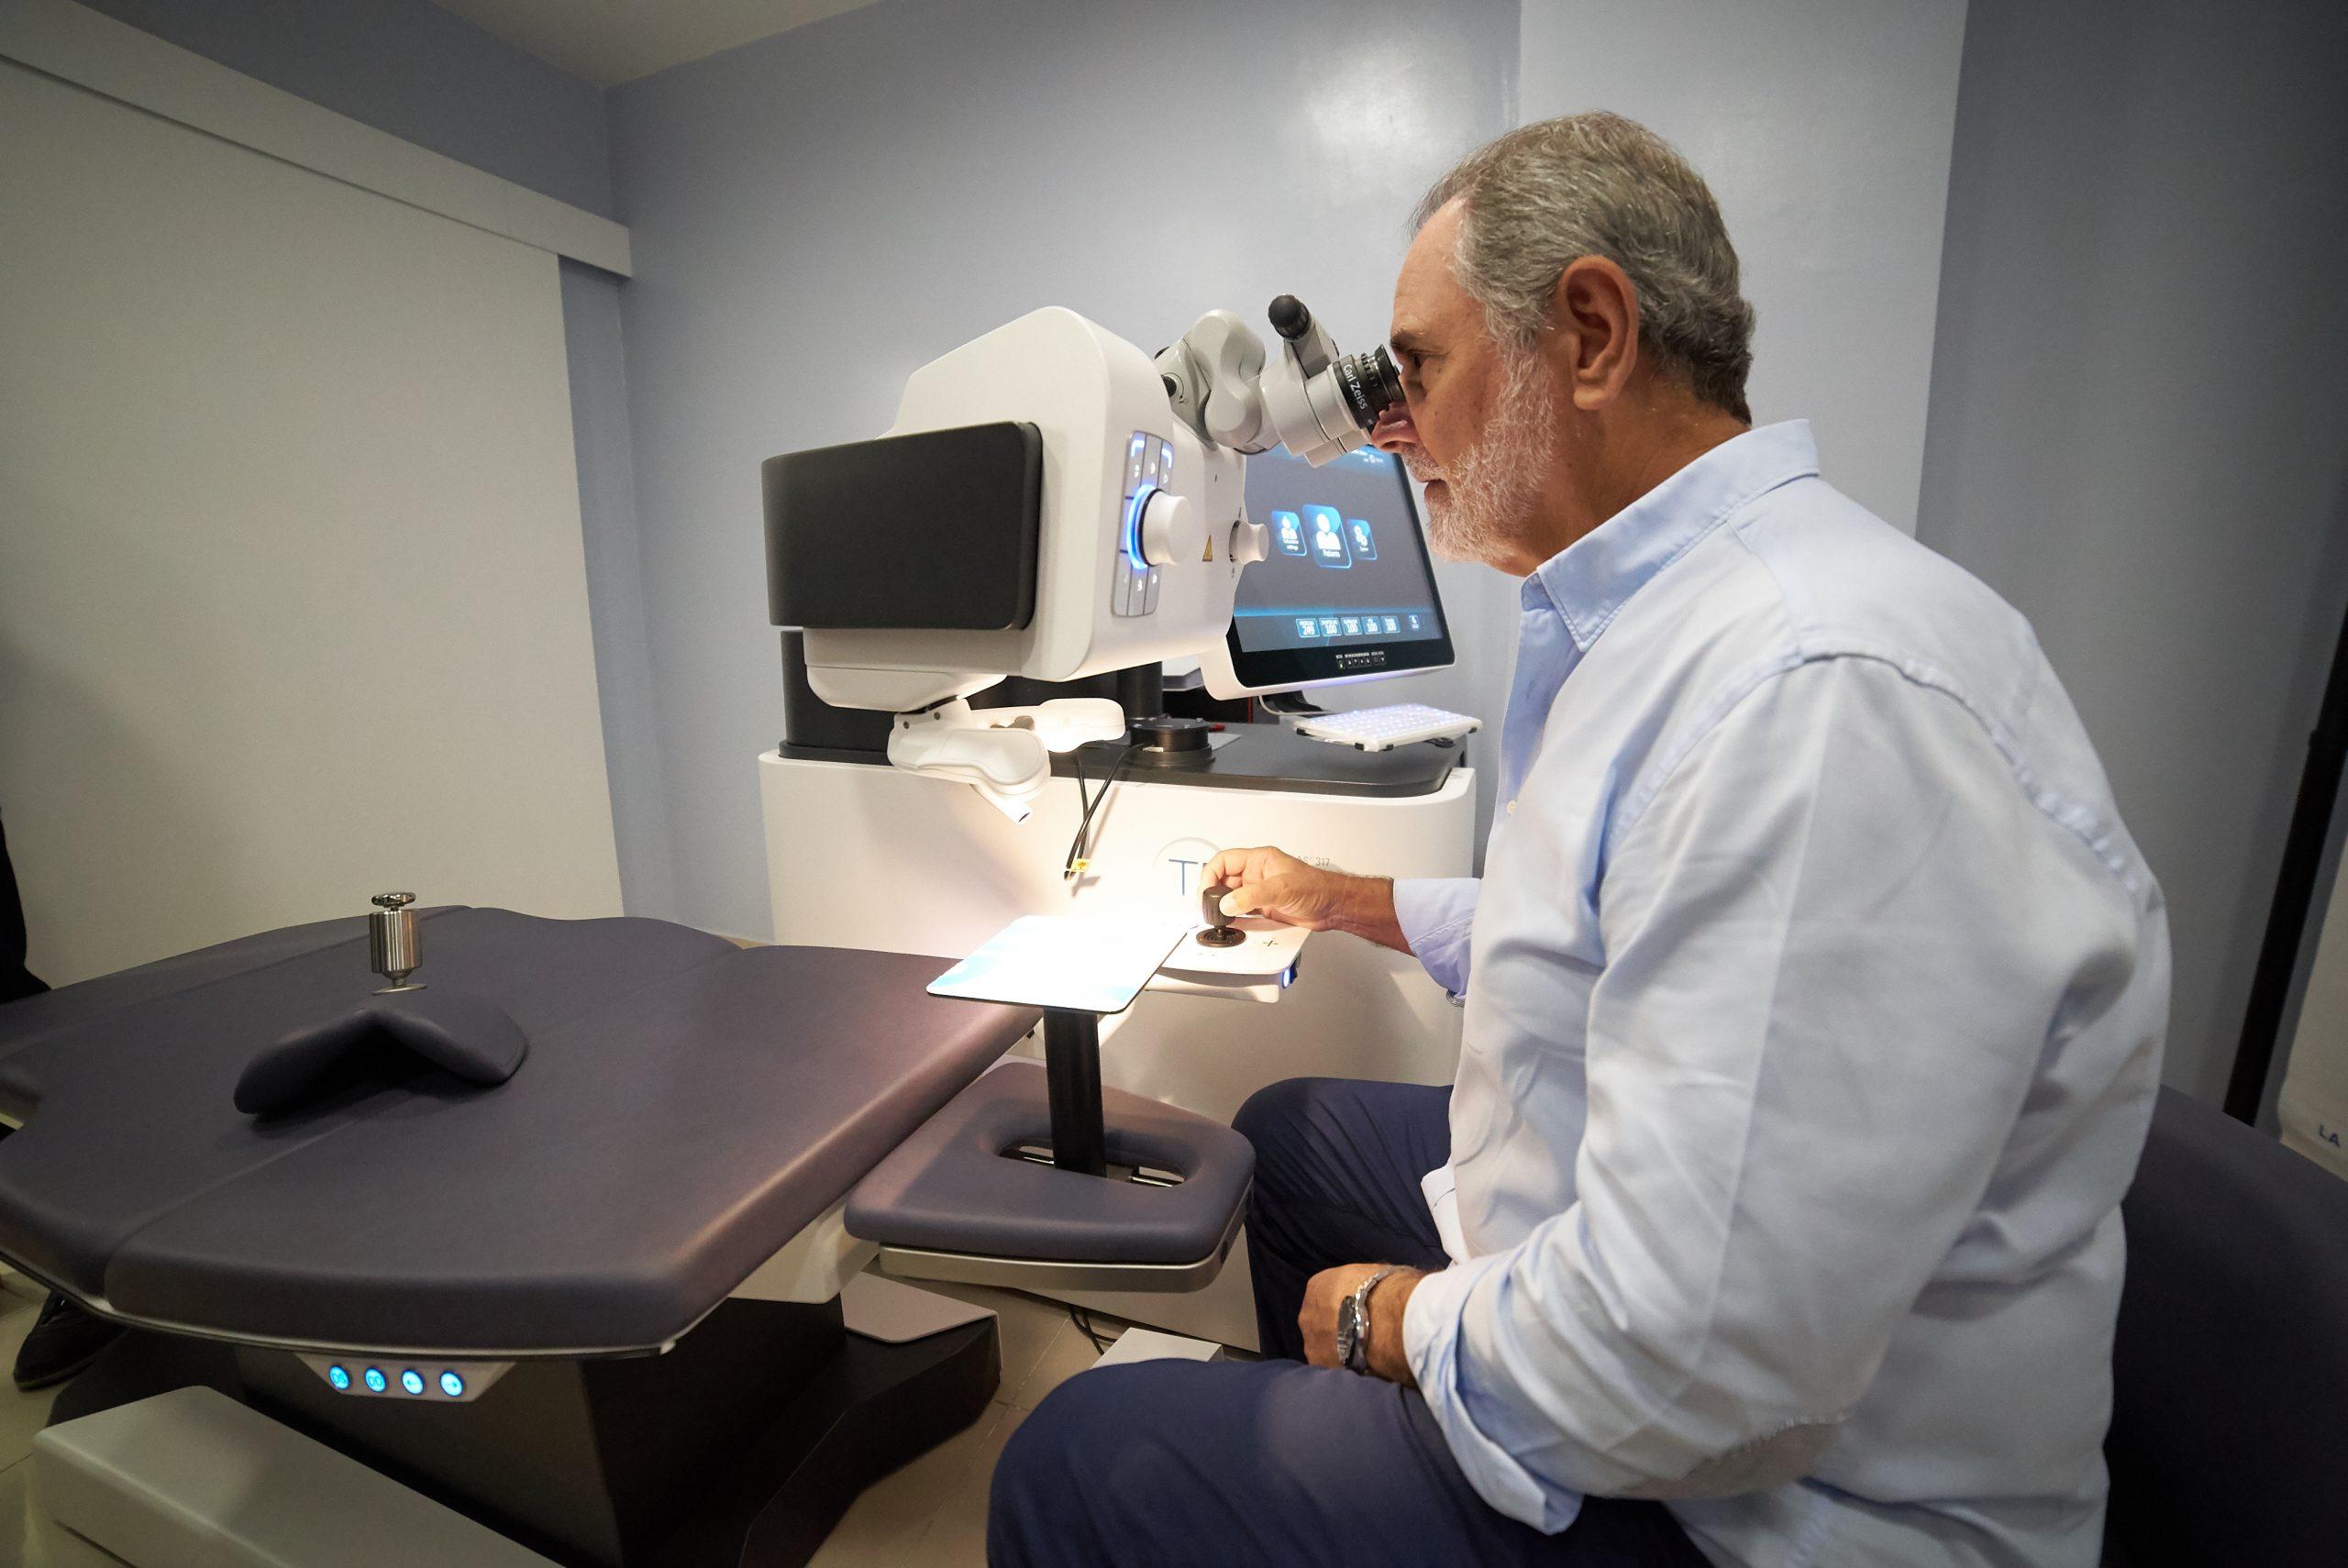 cirugia_refractiva_laser_en_el_Hospital_La_Paloma_en_Las_Palmas_de_Gran_Canaria